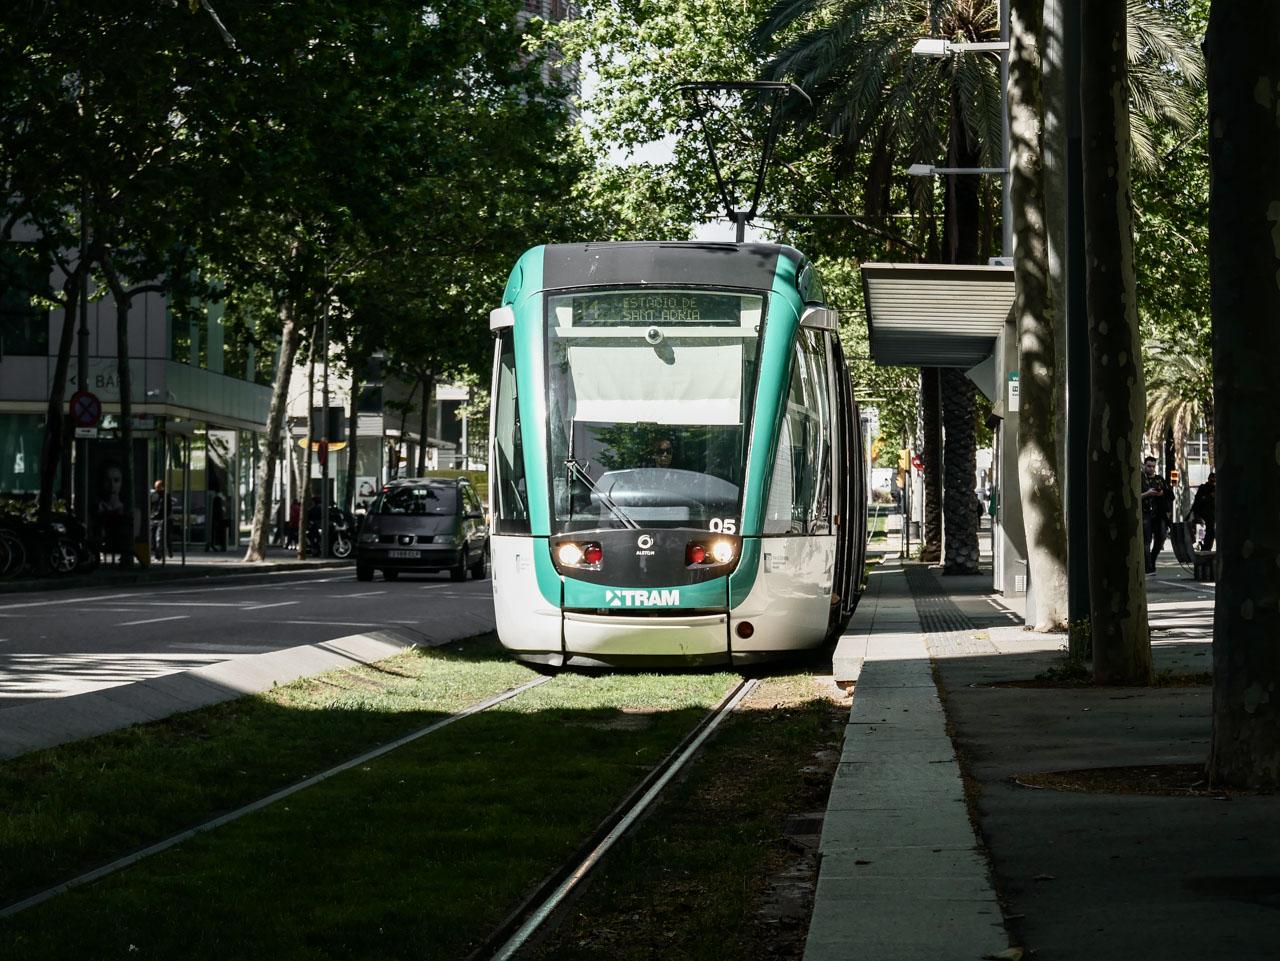 Prendre le tramway pour visiter Poblenou à Barcelone